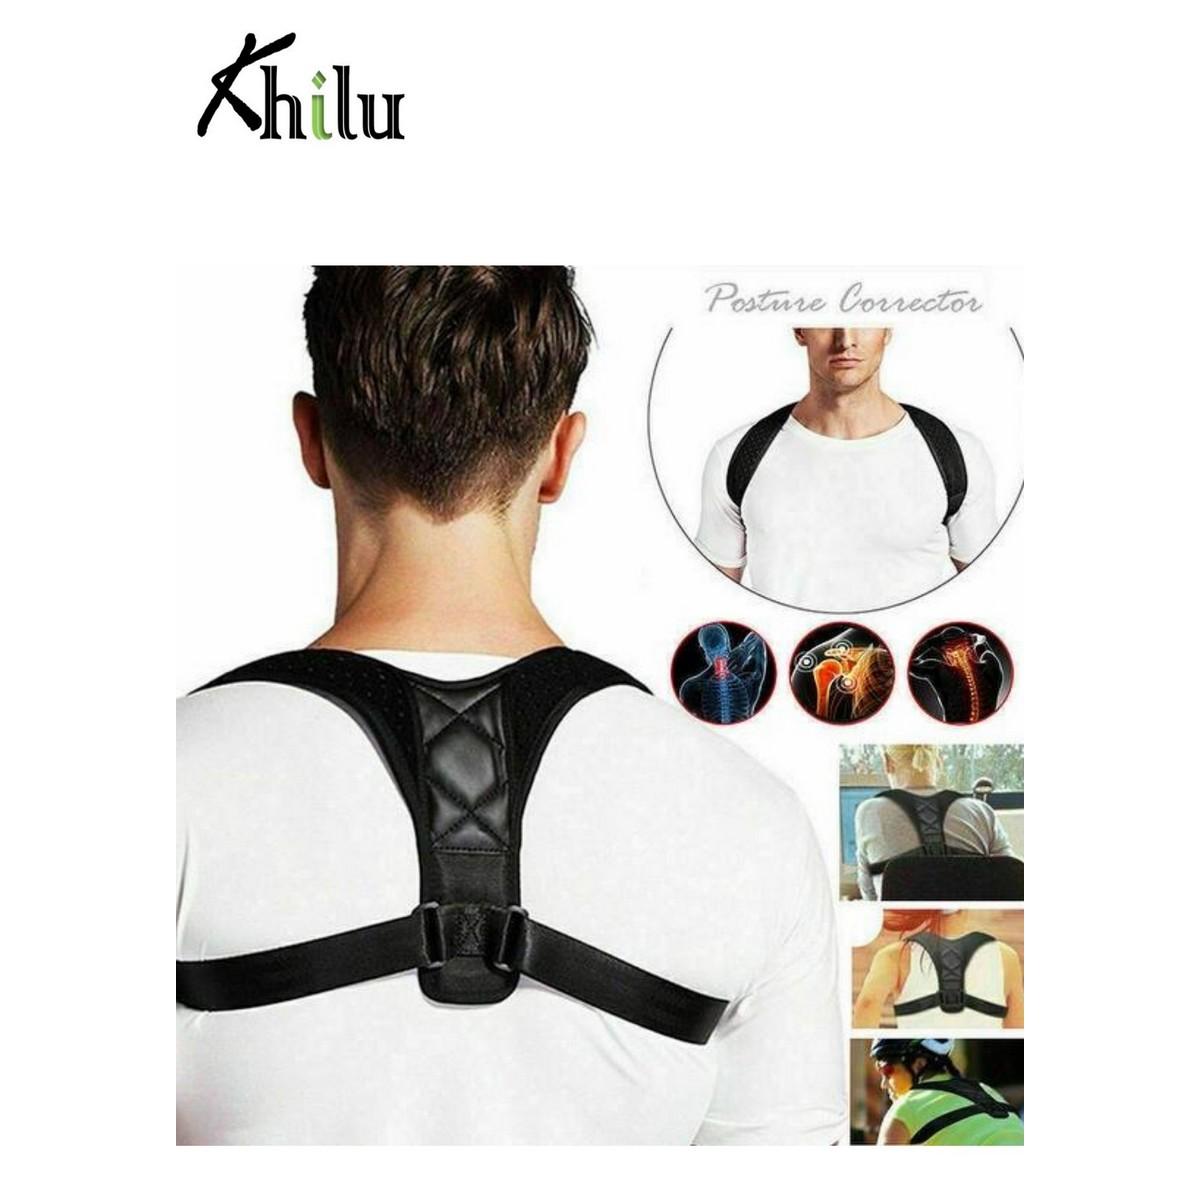 Posture Corrector Belt Adjustable- Back Pain Relief Clavicle Spine Shoulder Back Support Belt Body Posture Back Support Brace for Men and Women